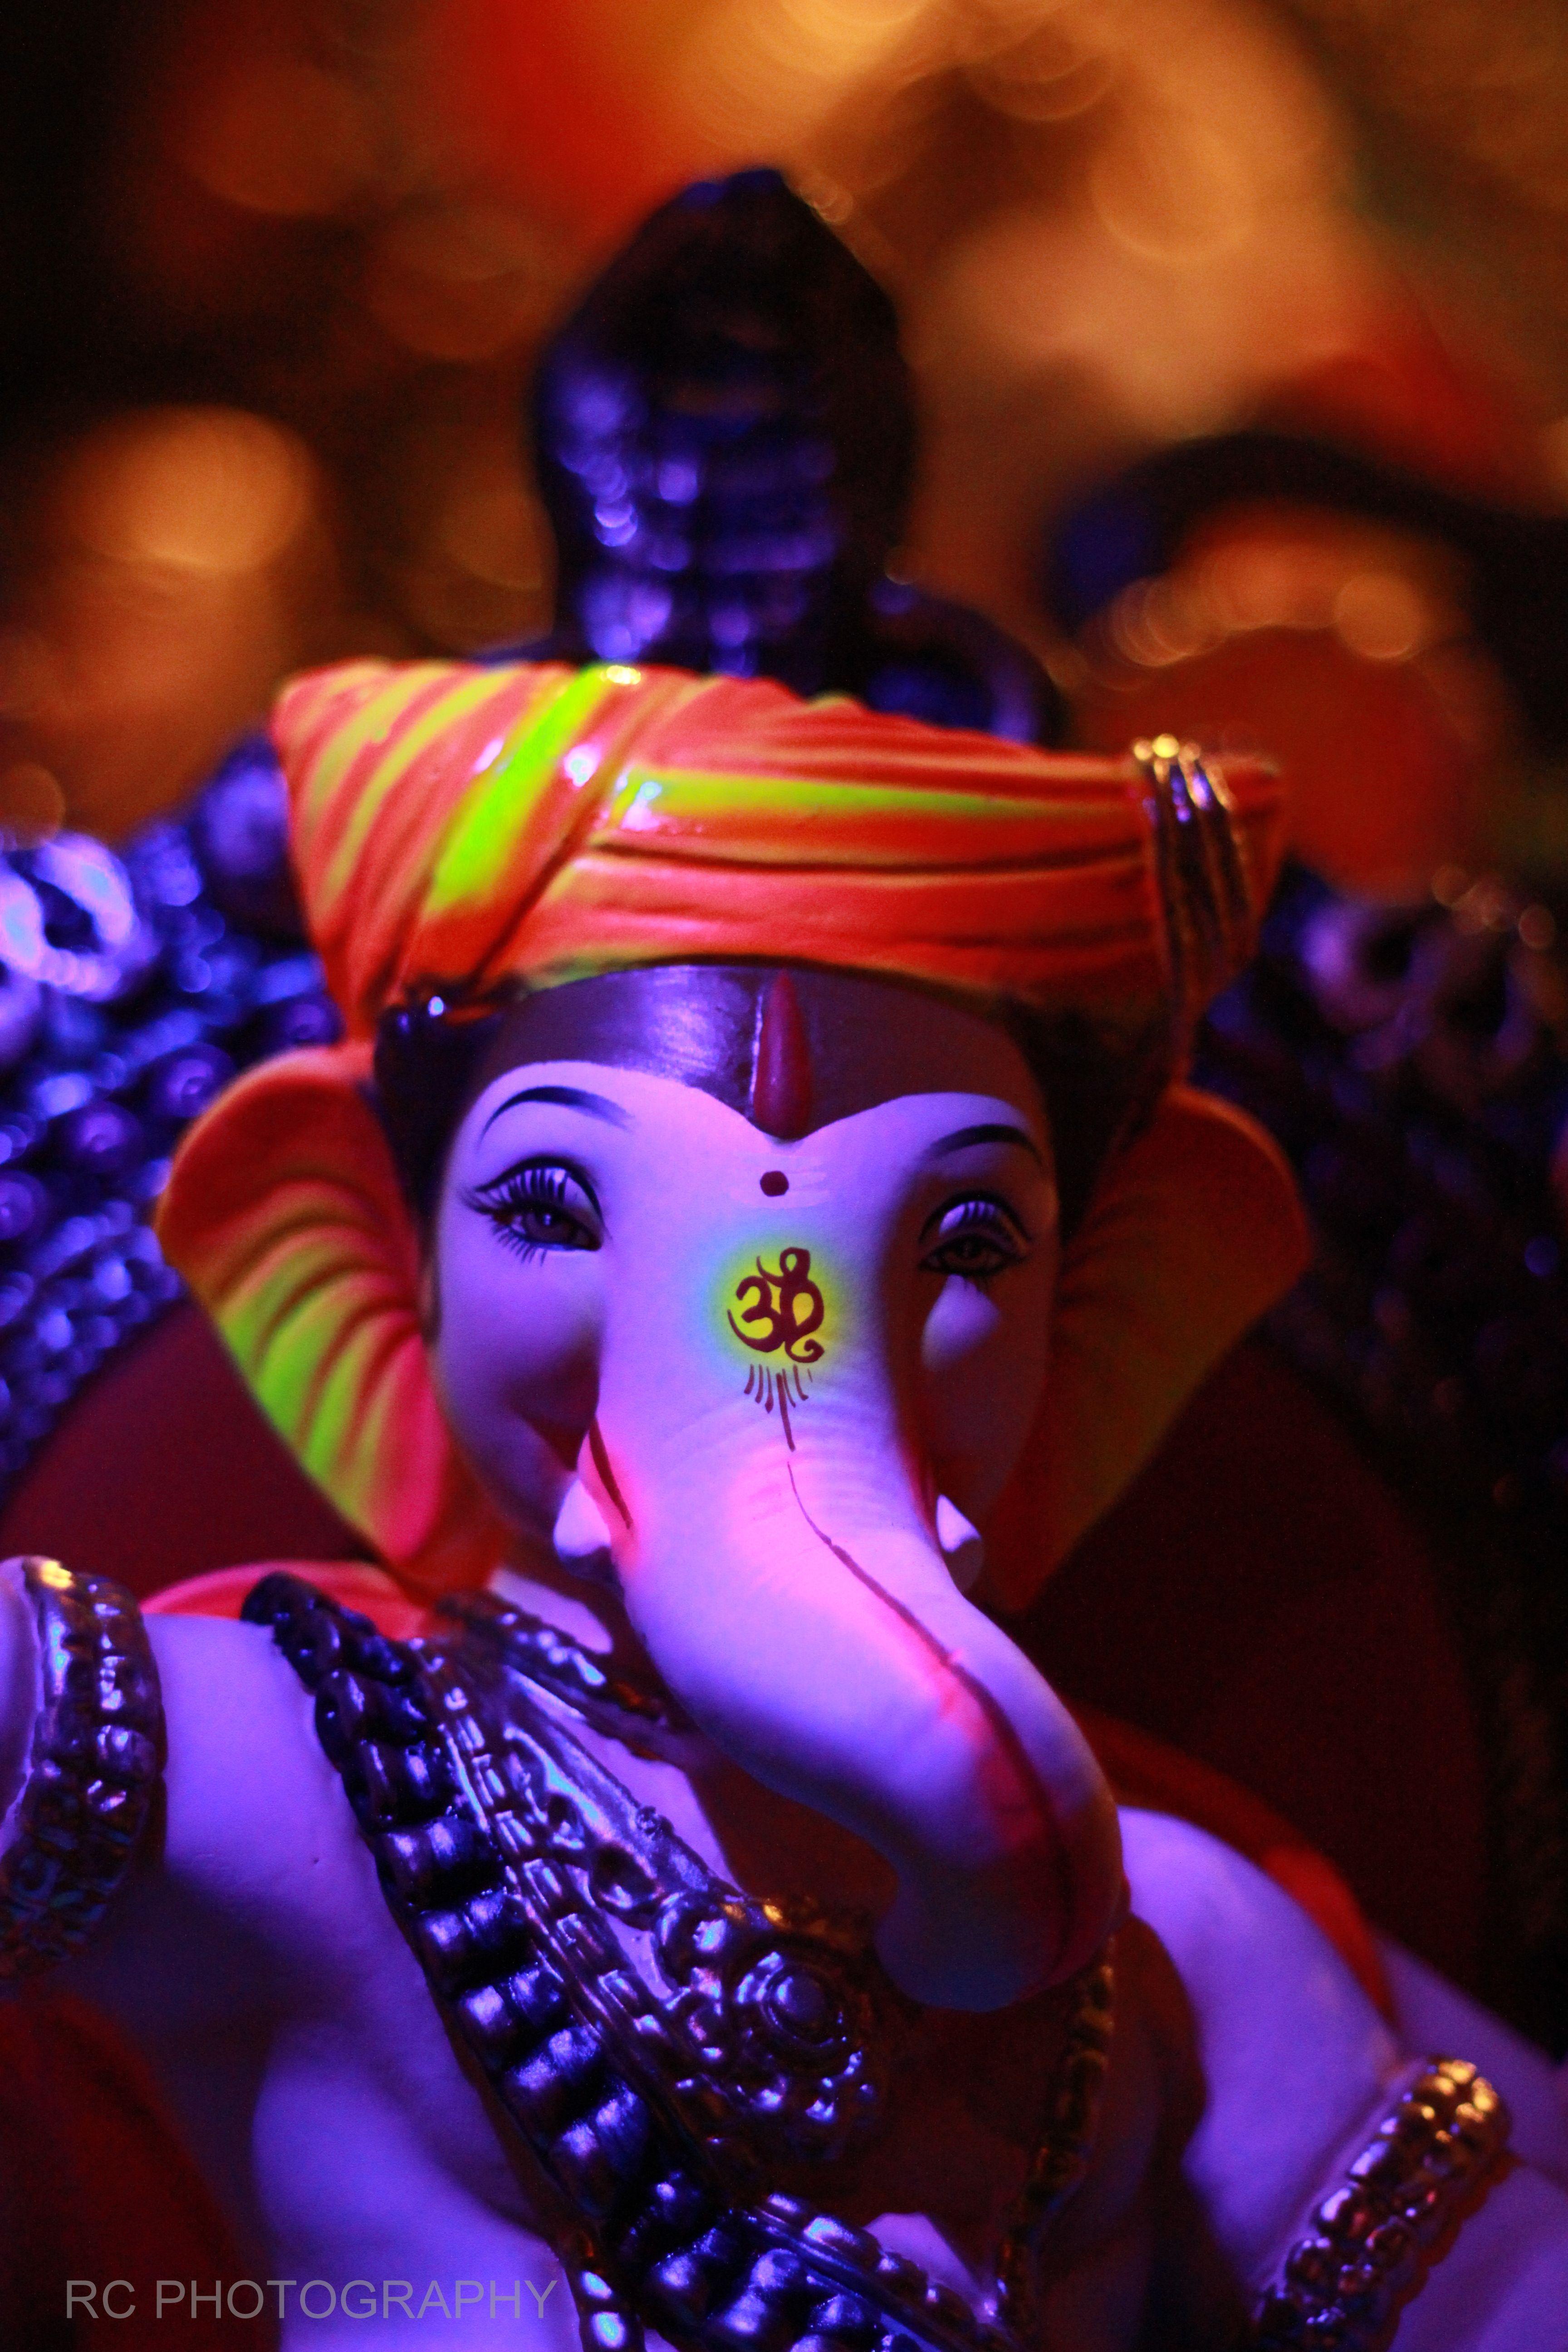 #Ganpati #Ganesh